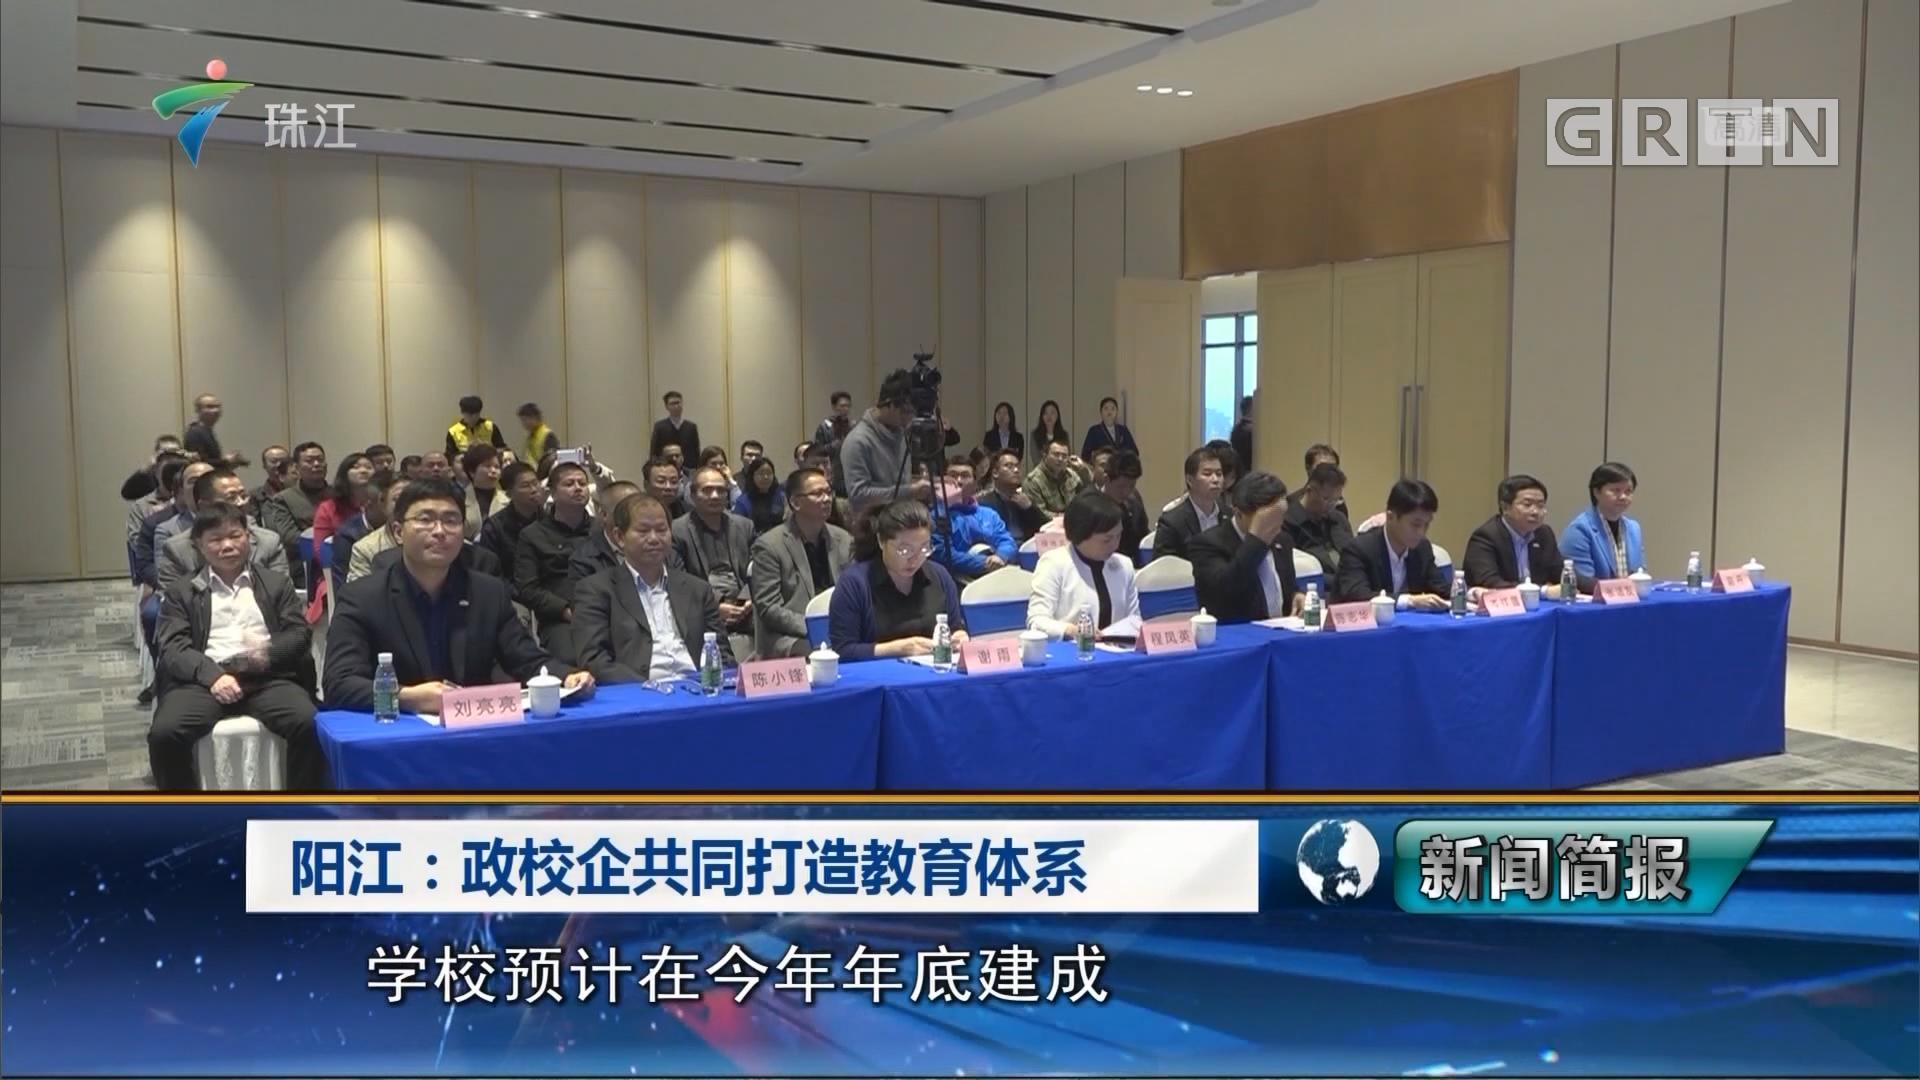 阳江:政校企业共同打造教育体系